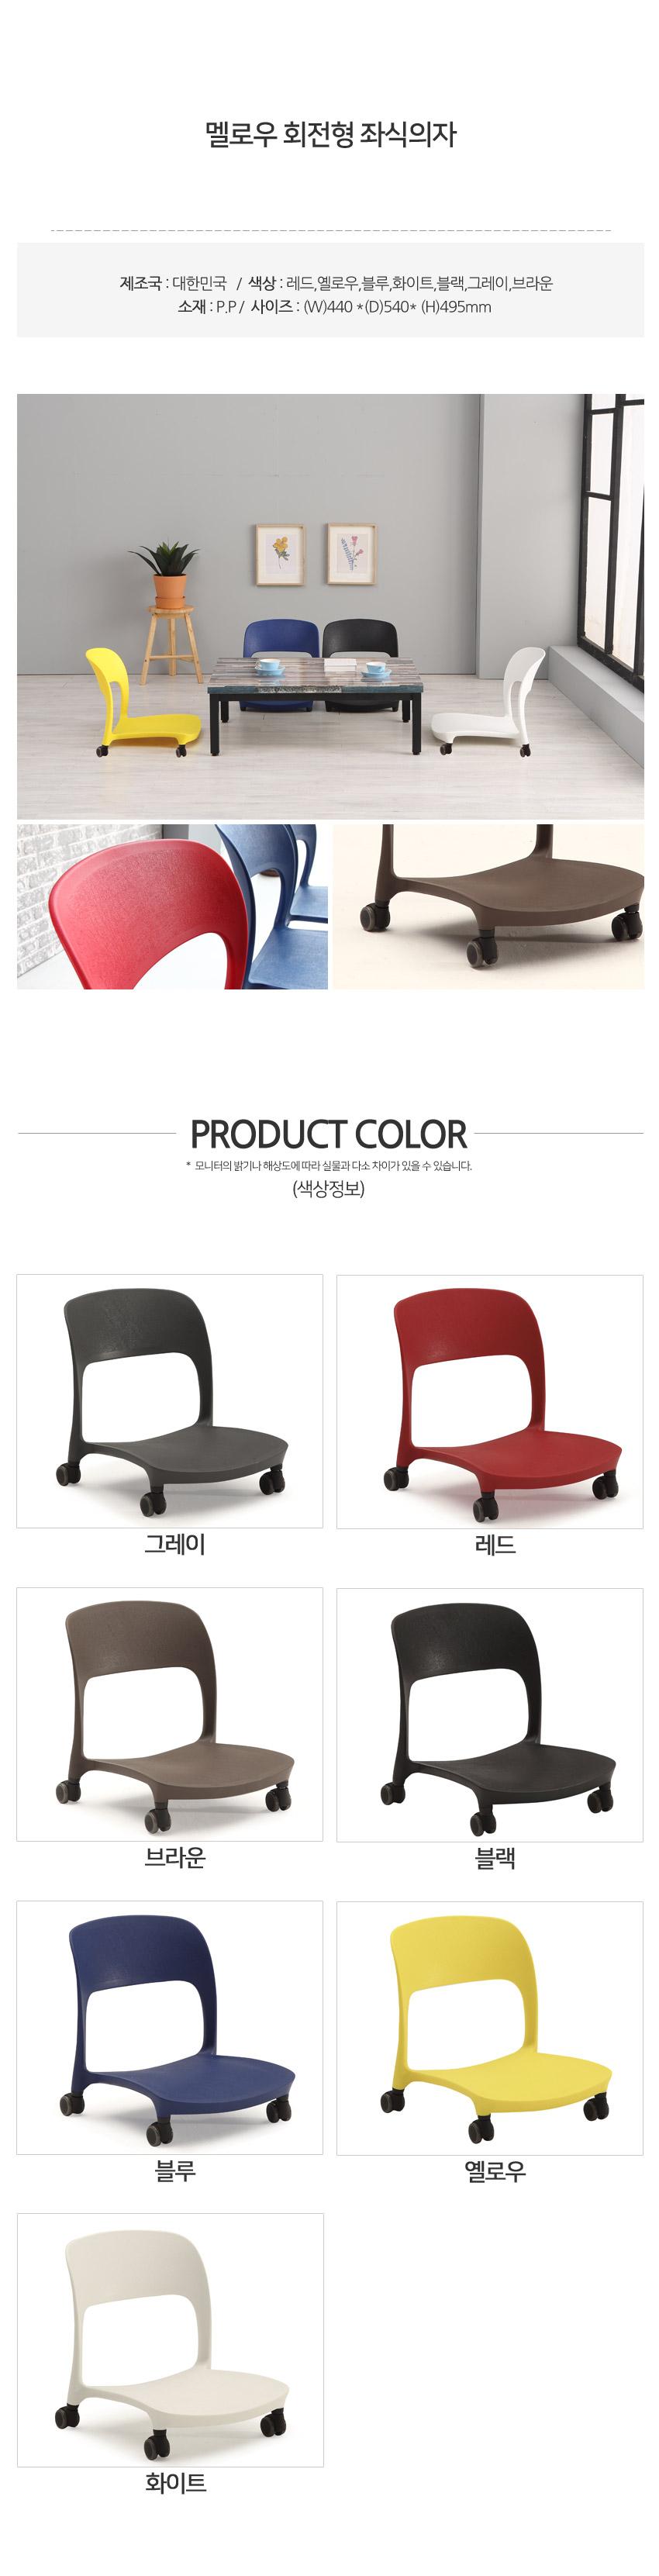 멜로우 회전형 좌식의자 - 히트디자인, 39,500원, 디자인 의자, 인테리어의자